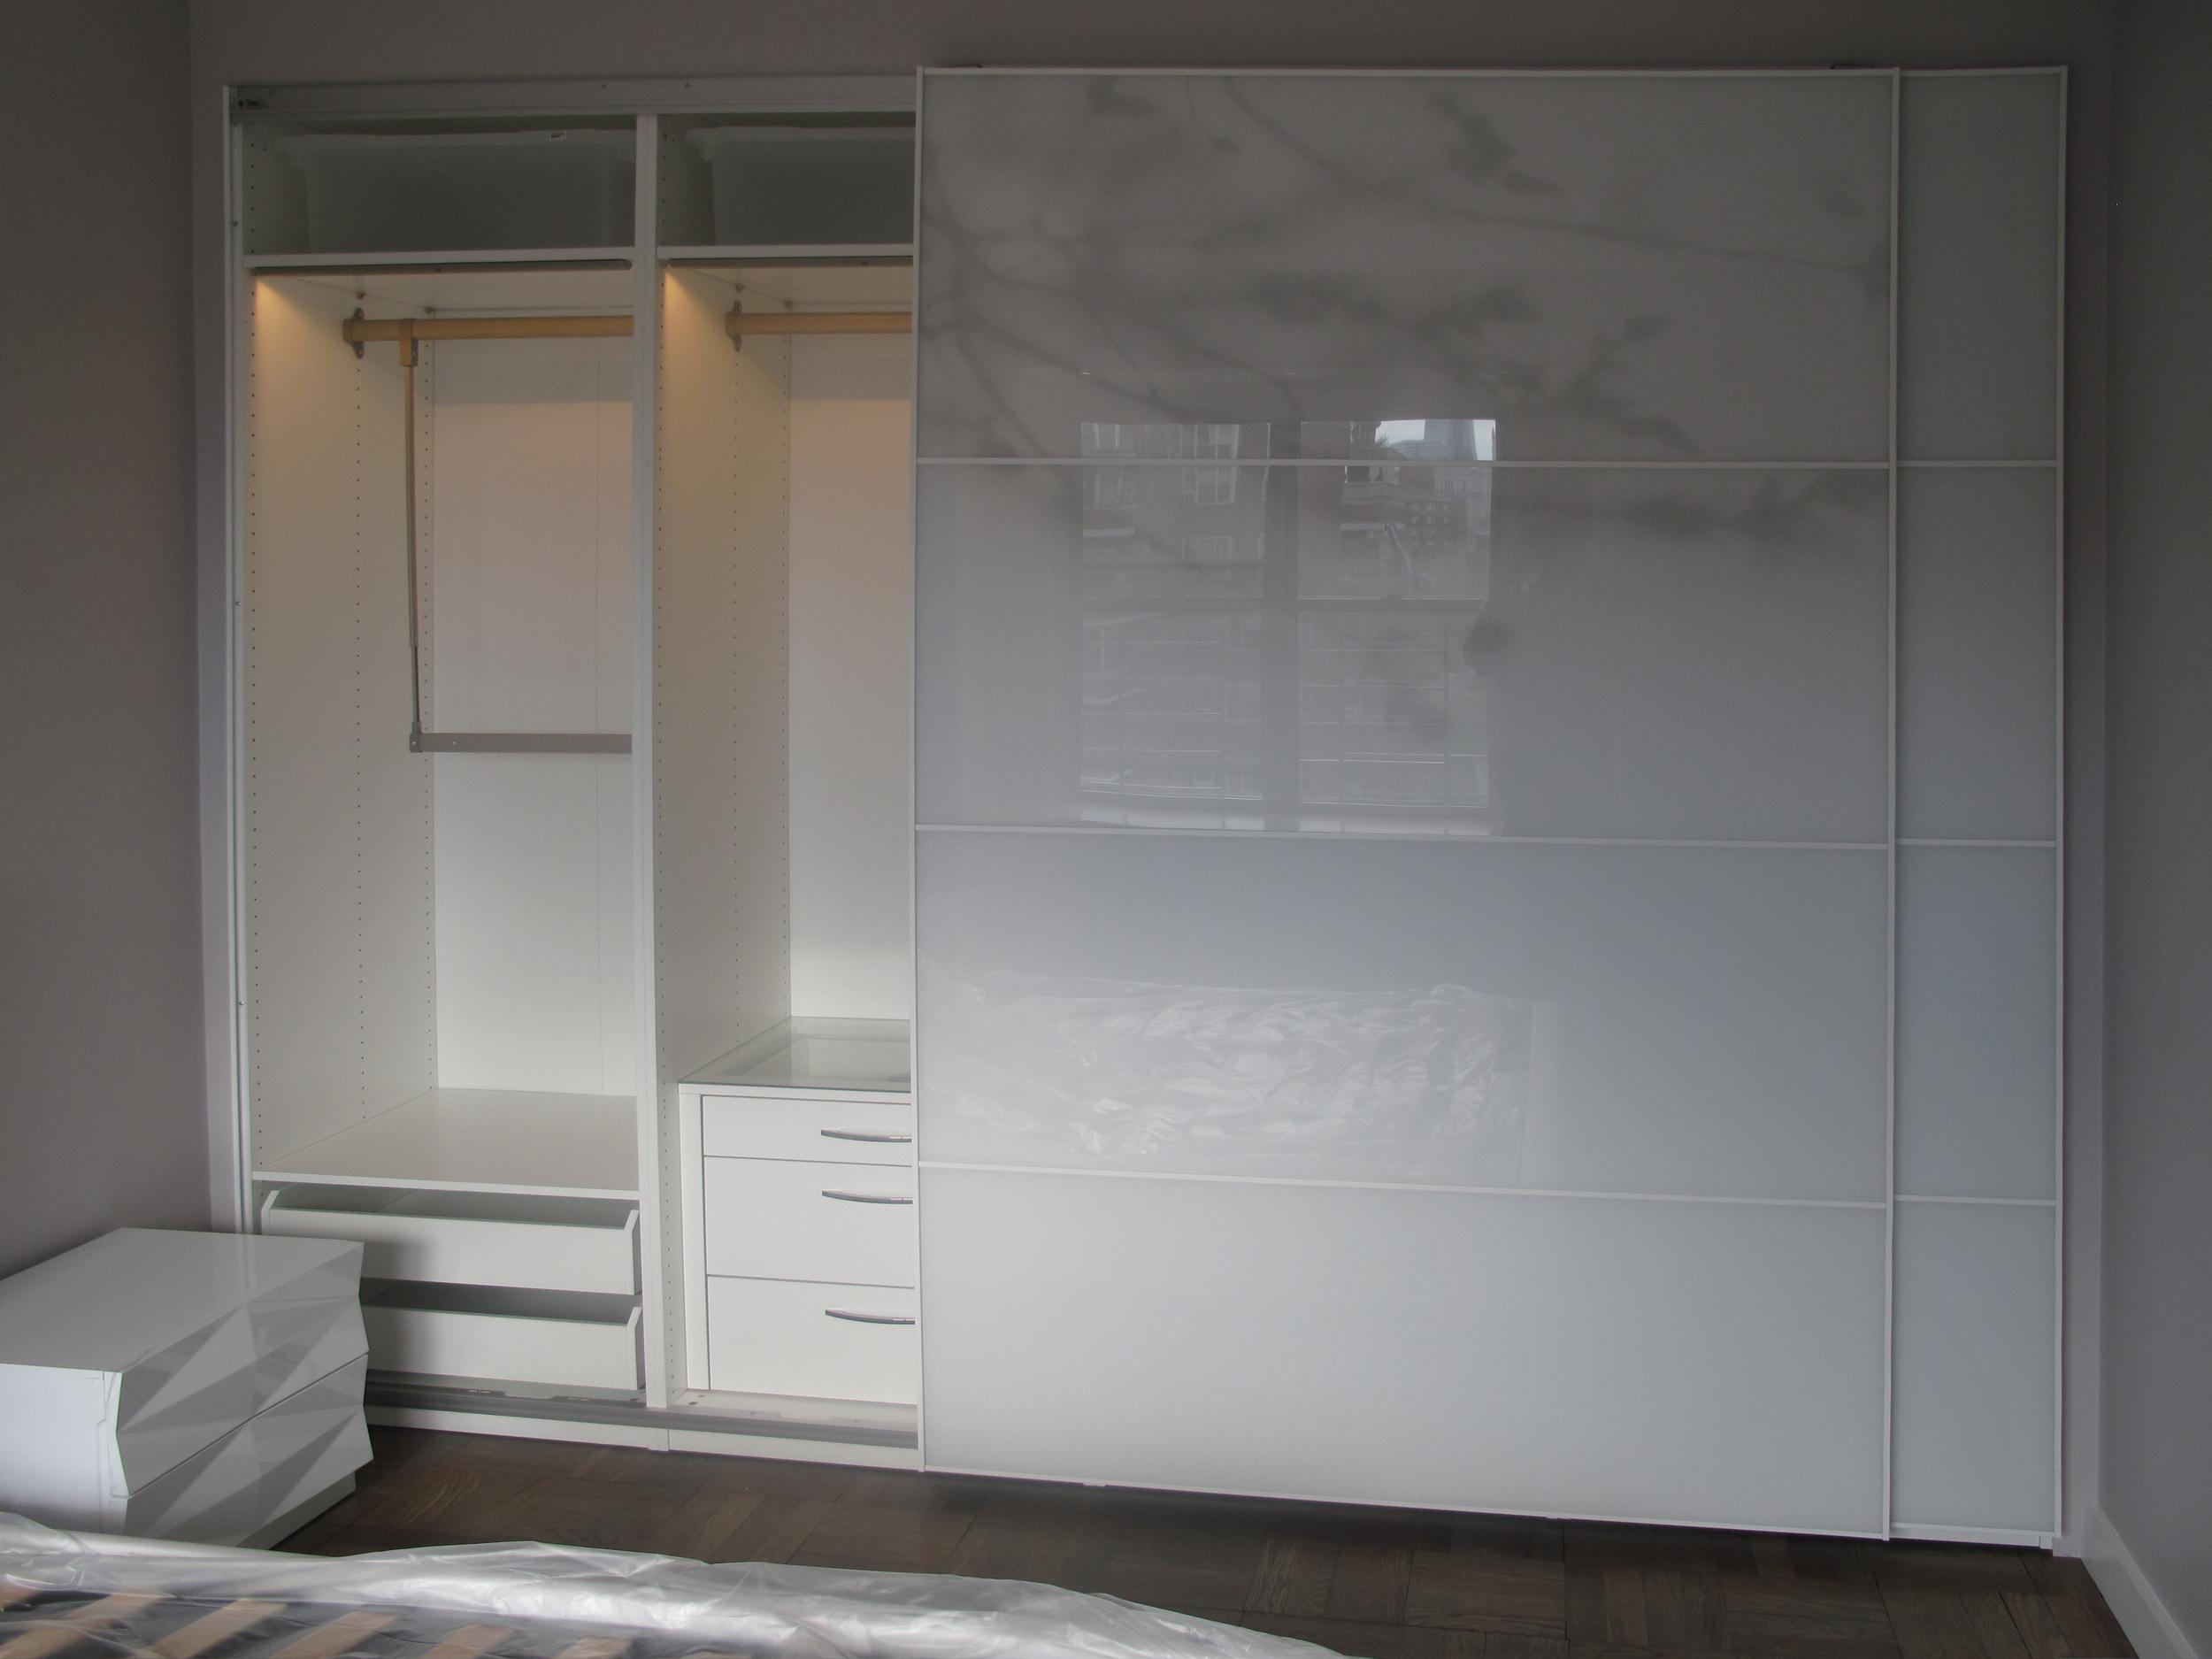 BedroomCloset3.jpg